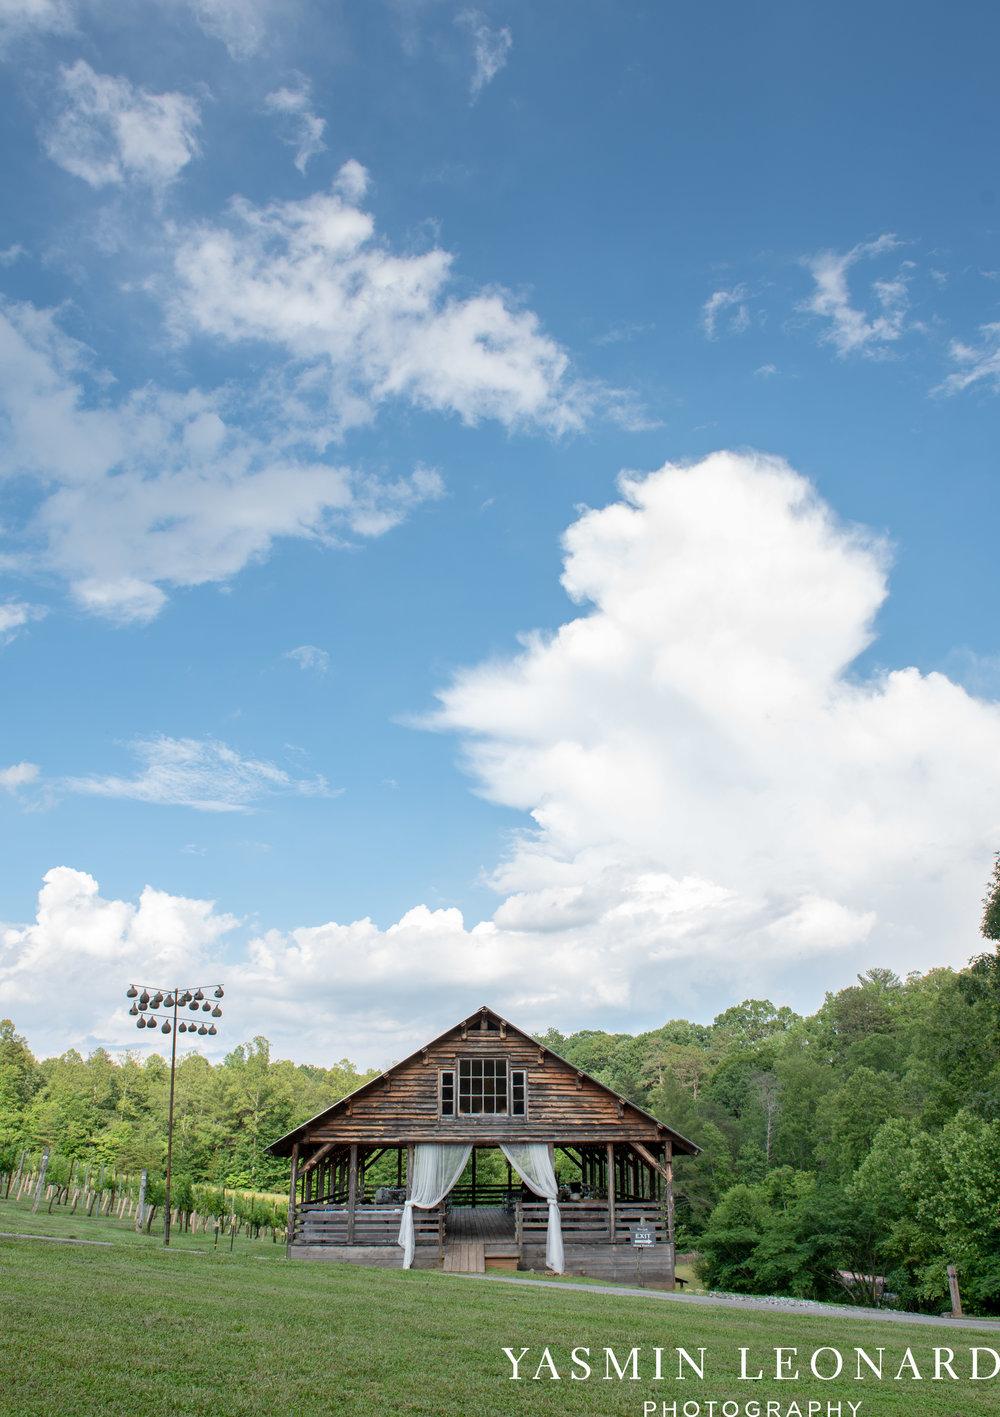 Elkin Creek Vineyard - Elkin Creek Weddings - NC Wine - NC Wineries - NC Weddings - NC Photographers - NC Wedding Photographer - NC Winery Wedding Ideas - Yasmin Leonard Photography - High Point Wedding Photographer-1.jpg